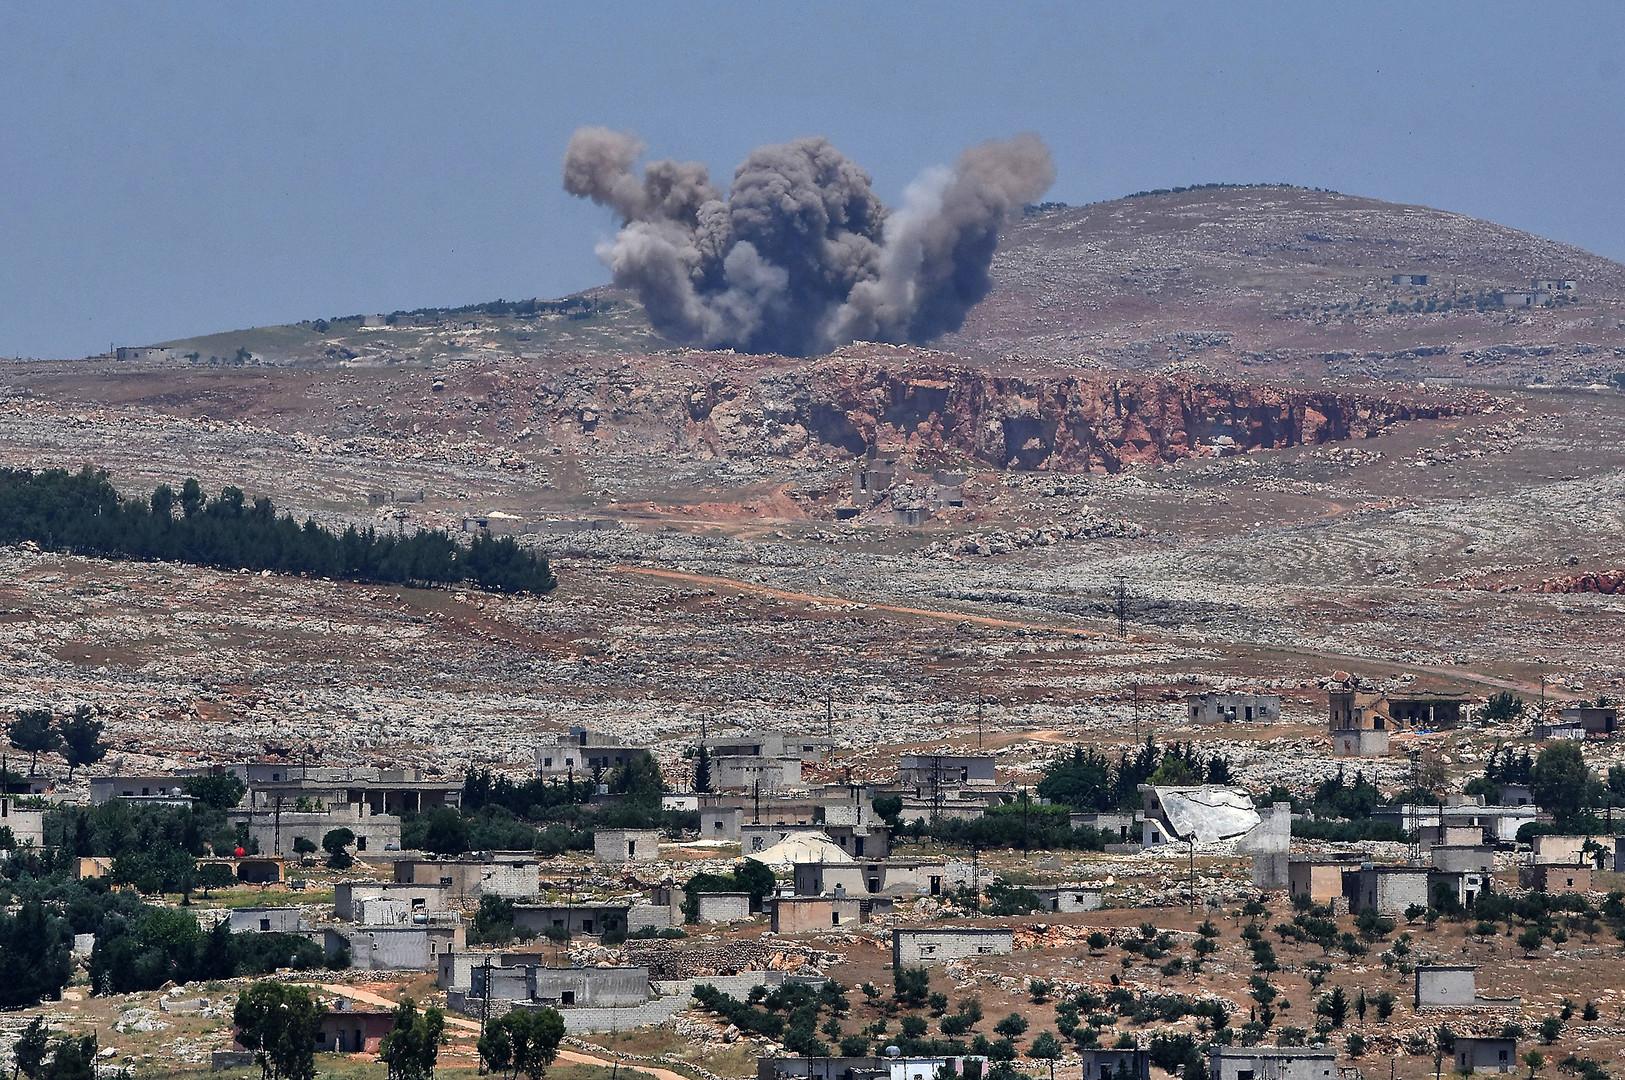 قائد ميداني: وقف لإطلاق النار على جبهات إدلب وريفي حماة واللاذقية لمدة 72 ساعة